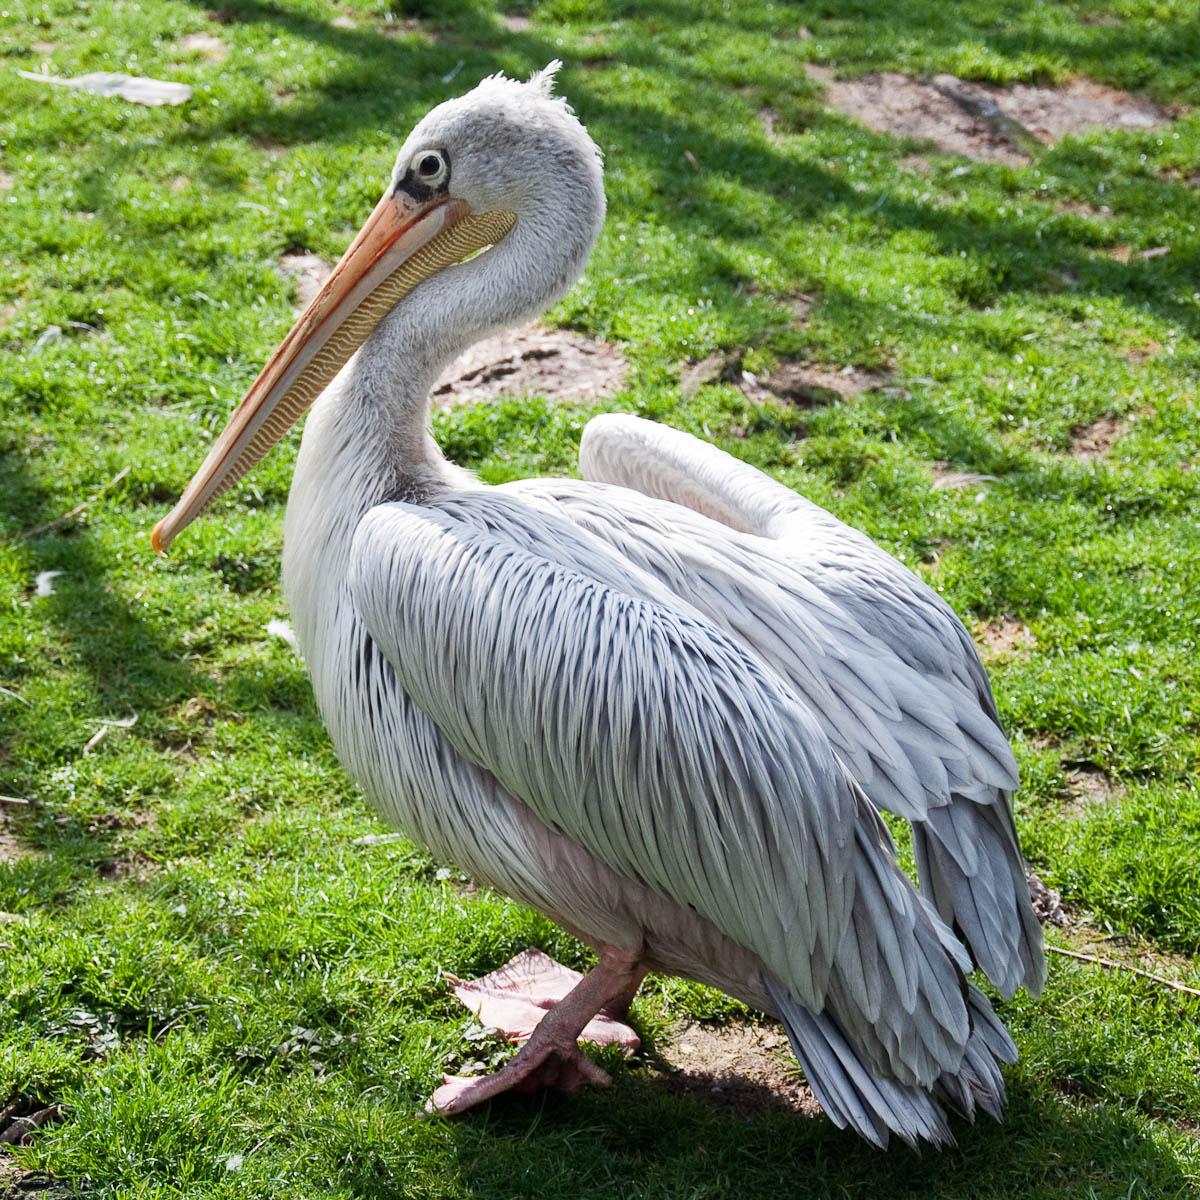 Pelican, Parco Faunistico Cappeller, Nove, Veneto, Italy